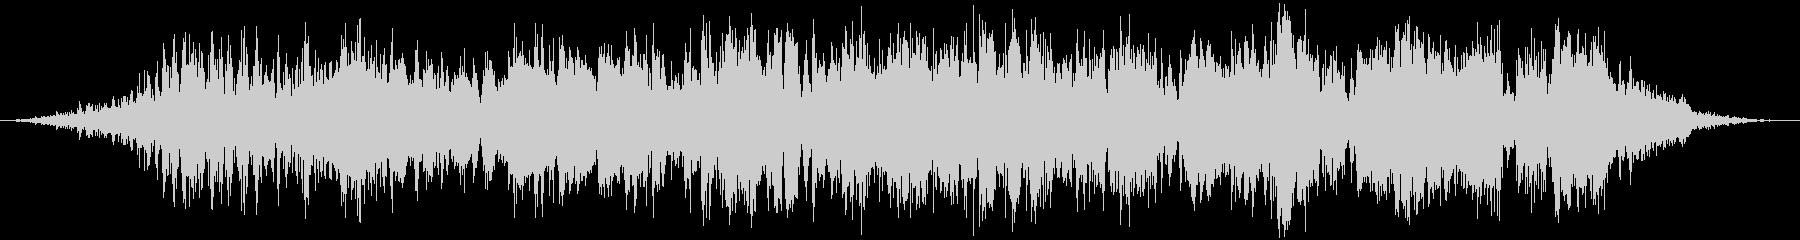 ラジオプロダクションシーン:Ger...の未再生の波形